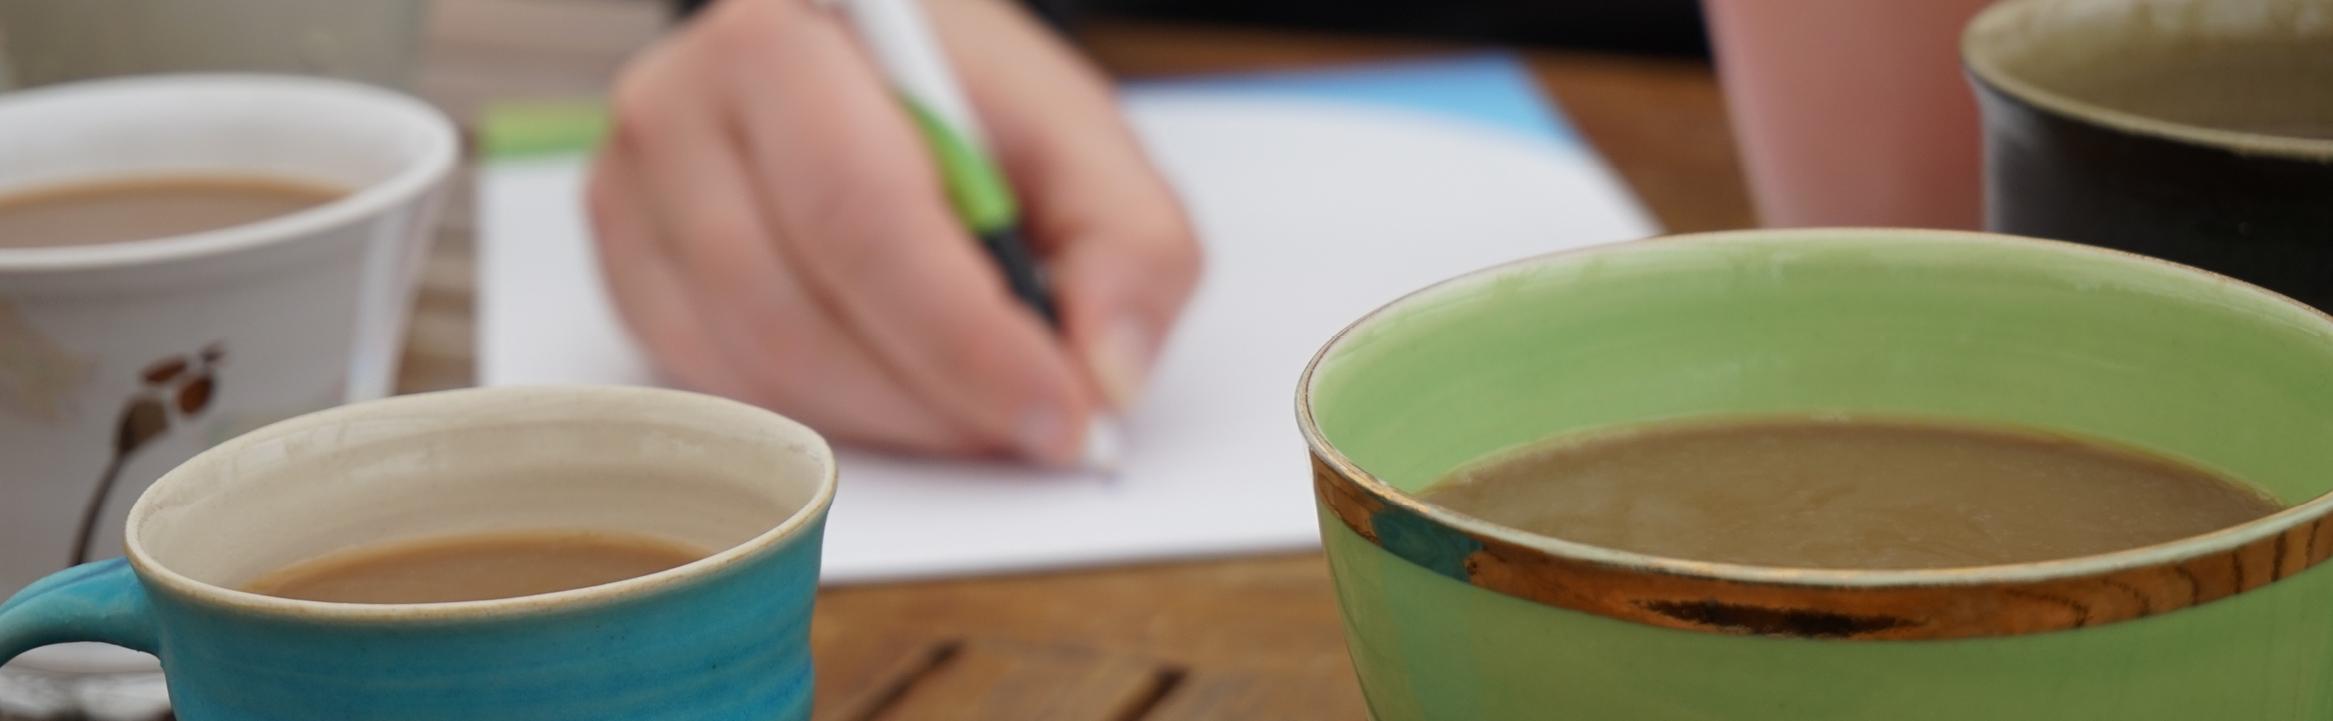 Kaffekoppar och hand som skriver - Kulturplan 2020-2023